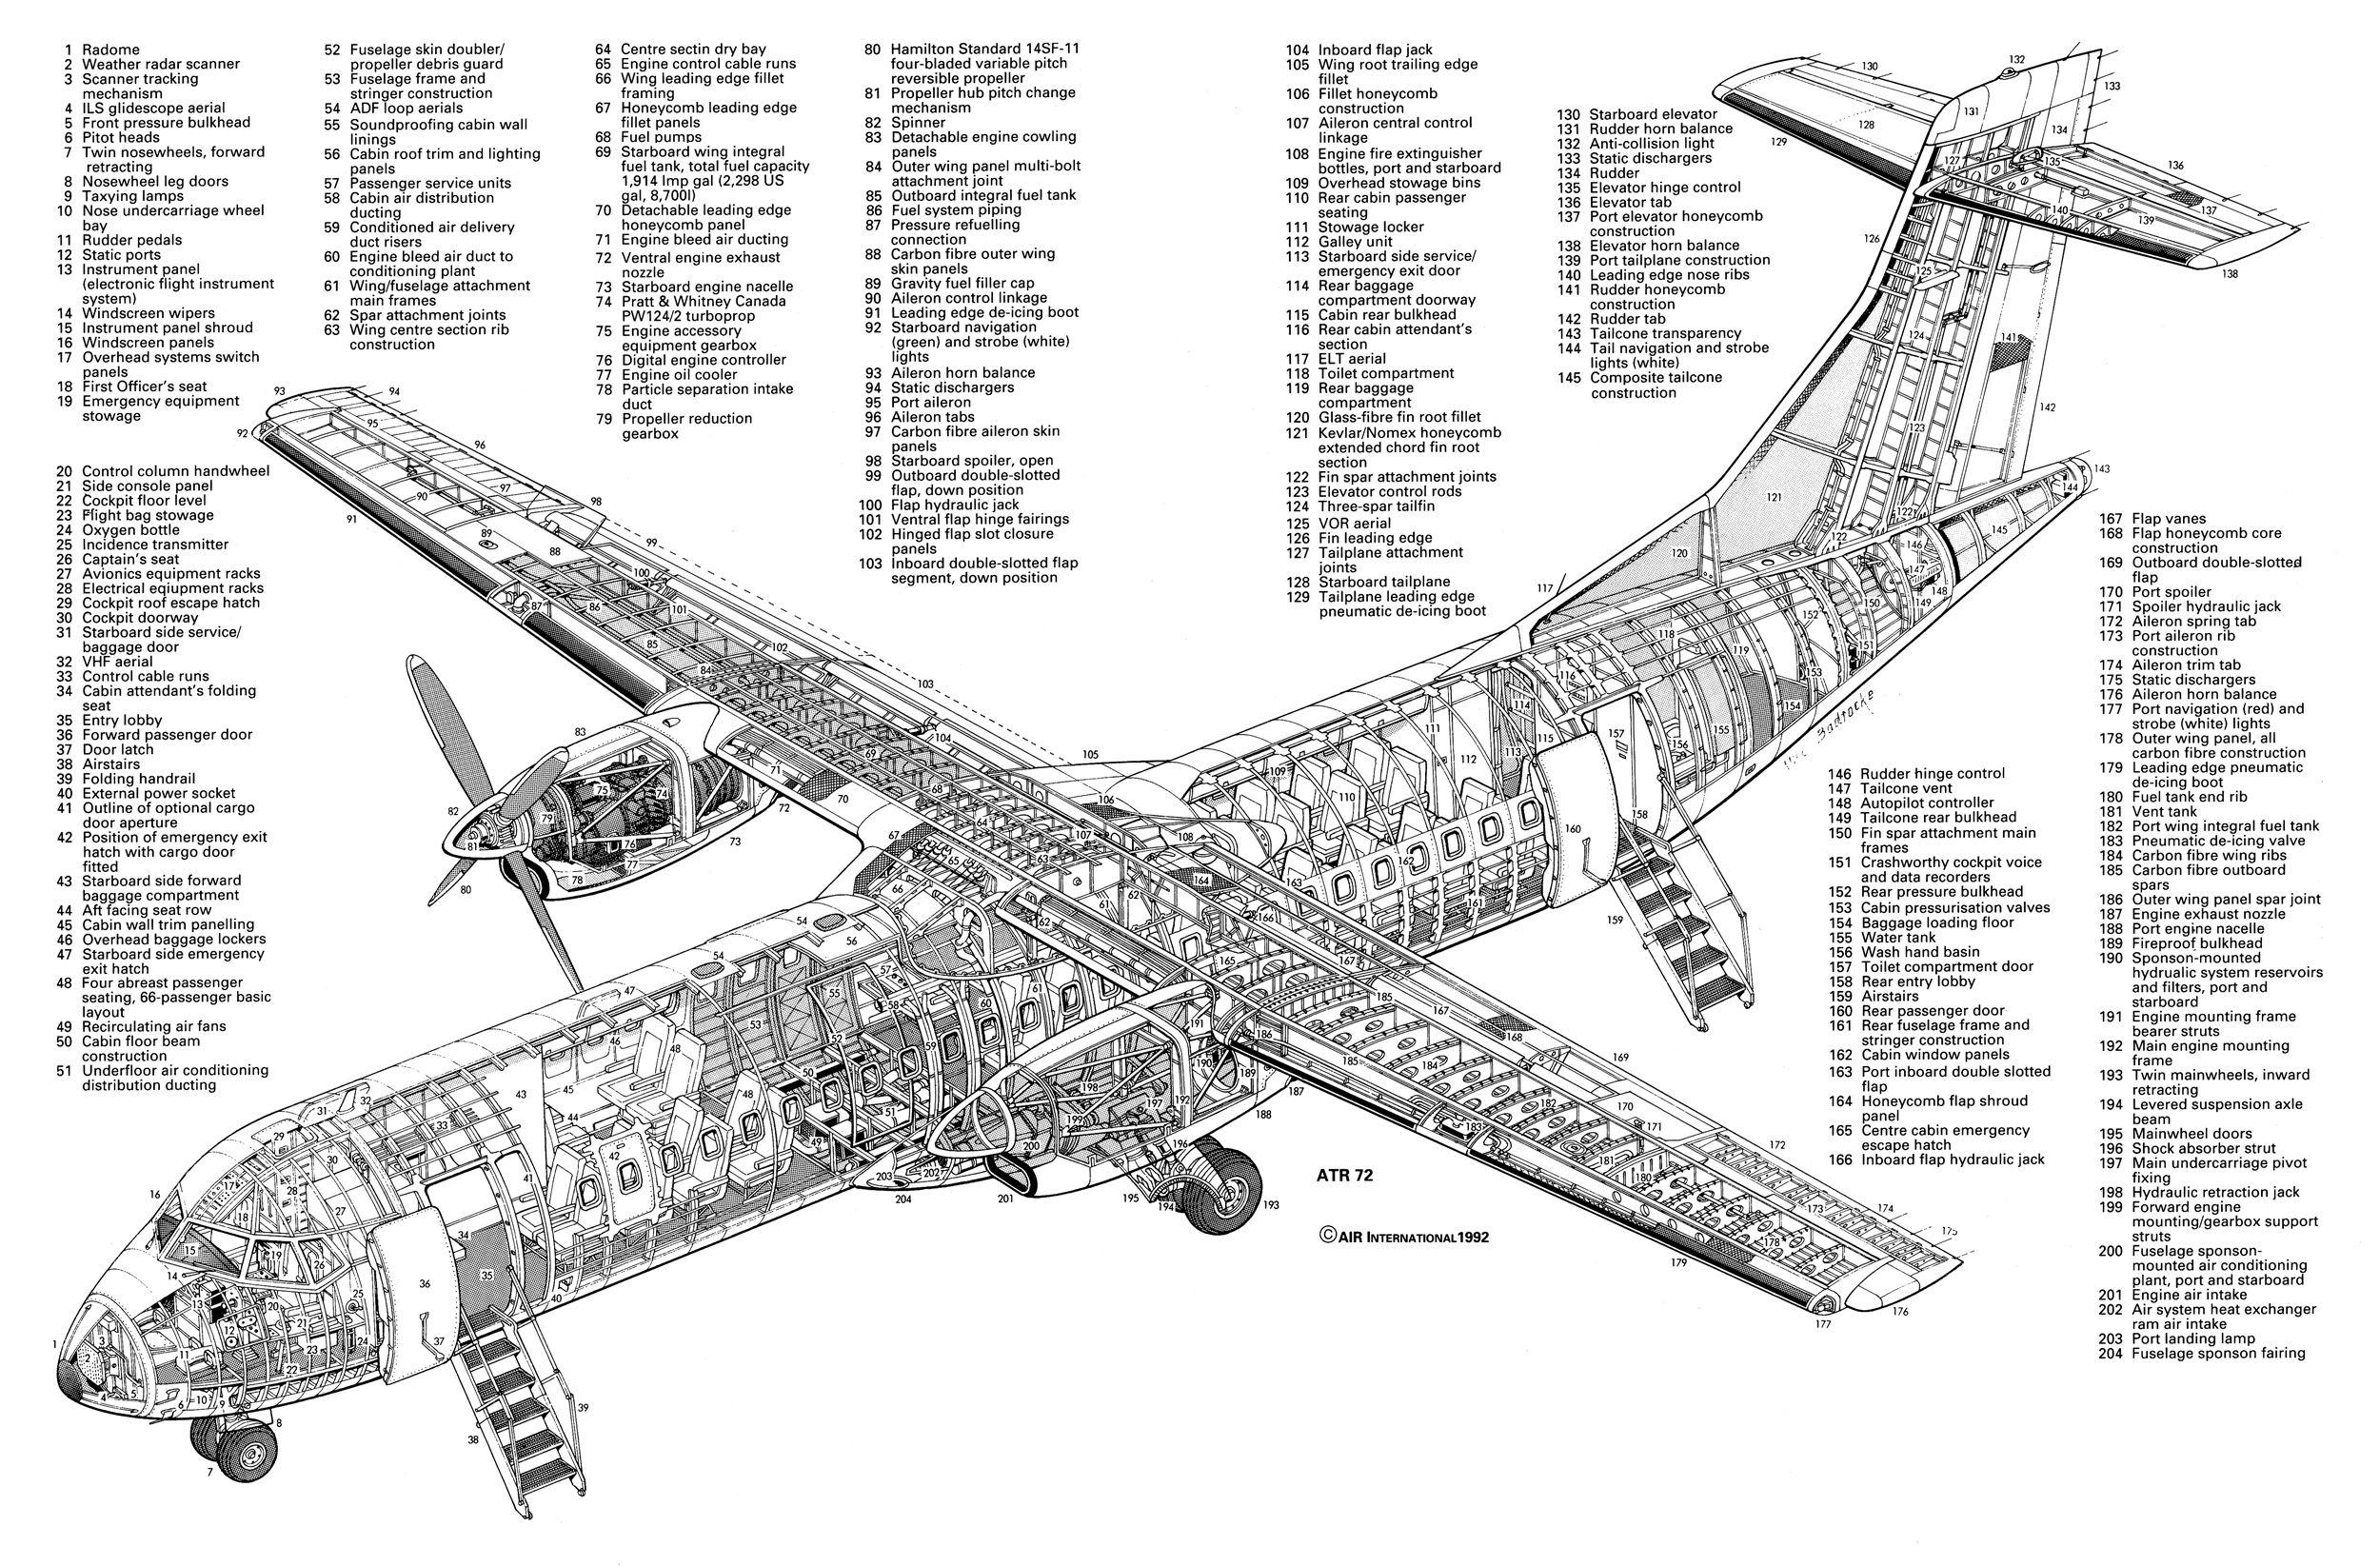 Cutaway Drawing Diagramas Em 3d De Maquinas Mostrando